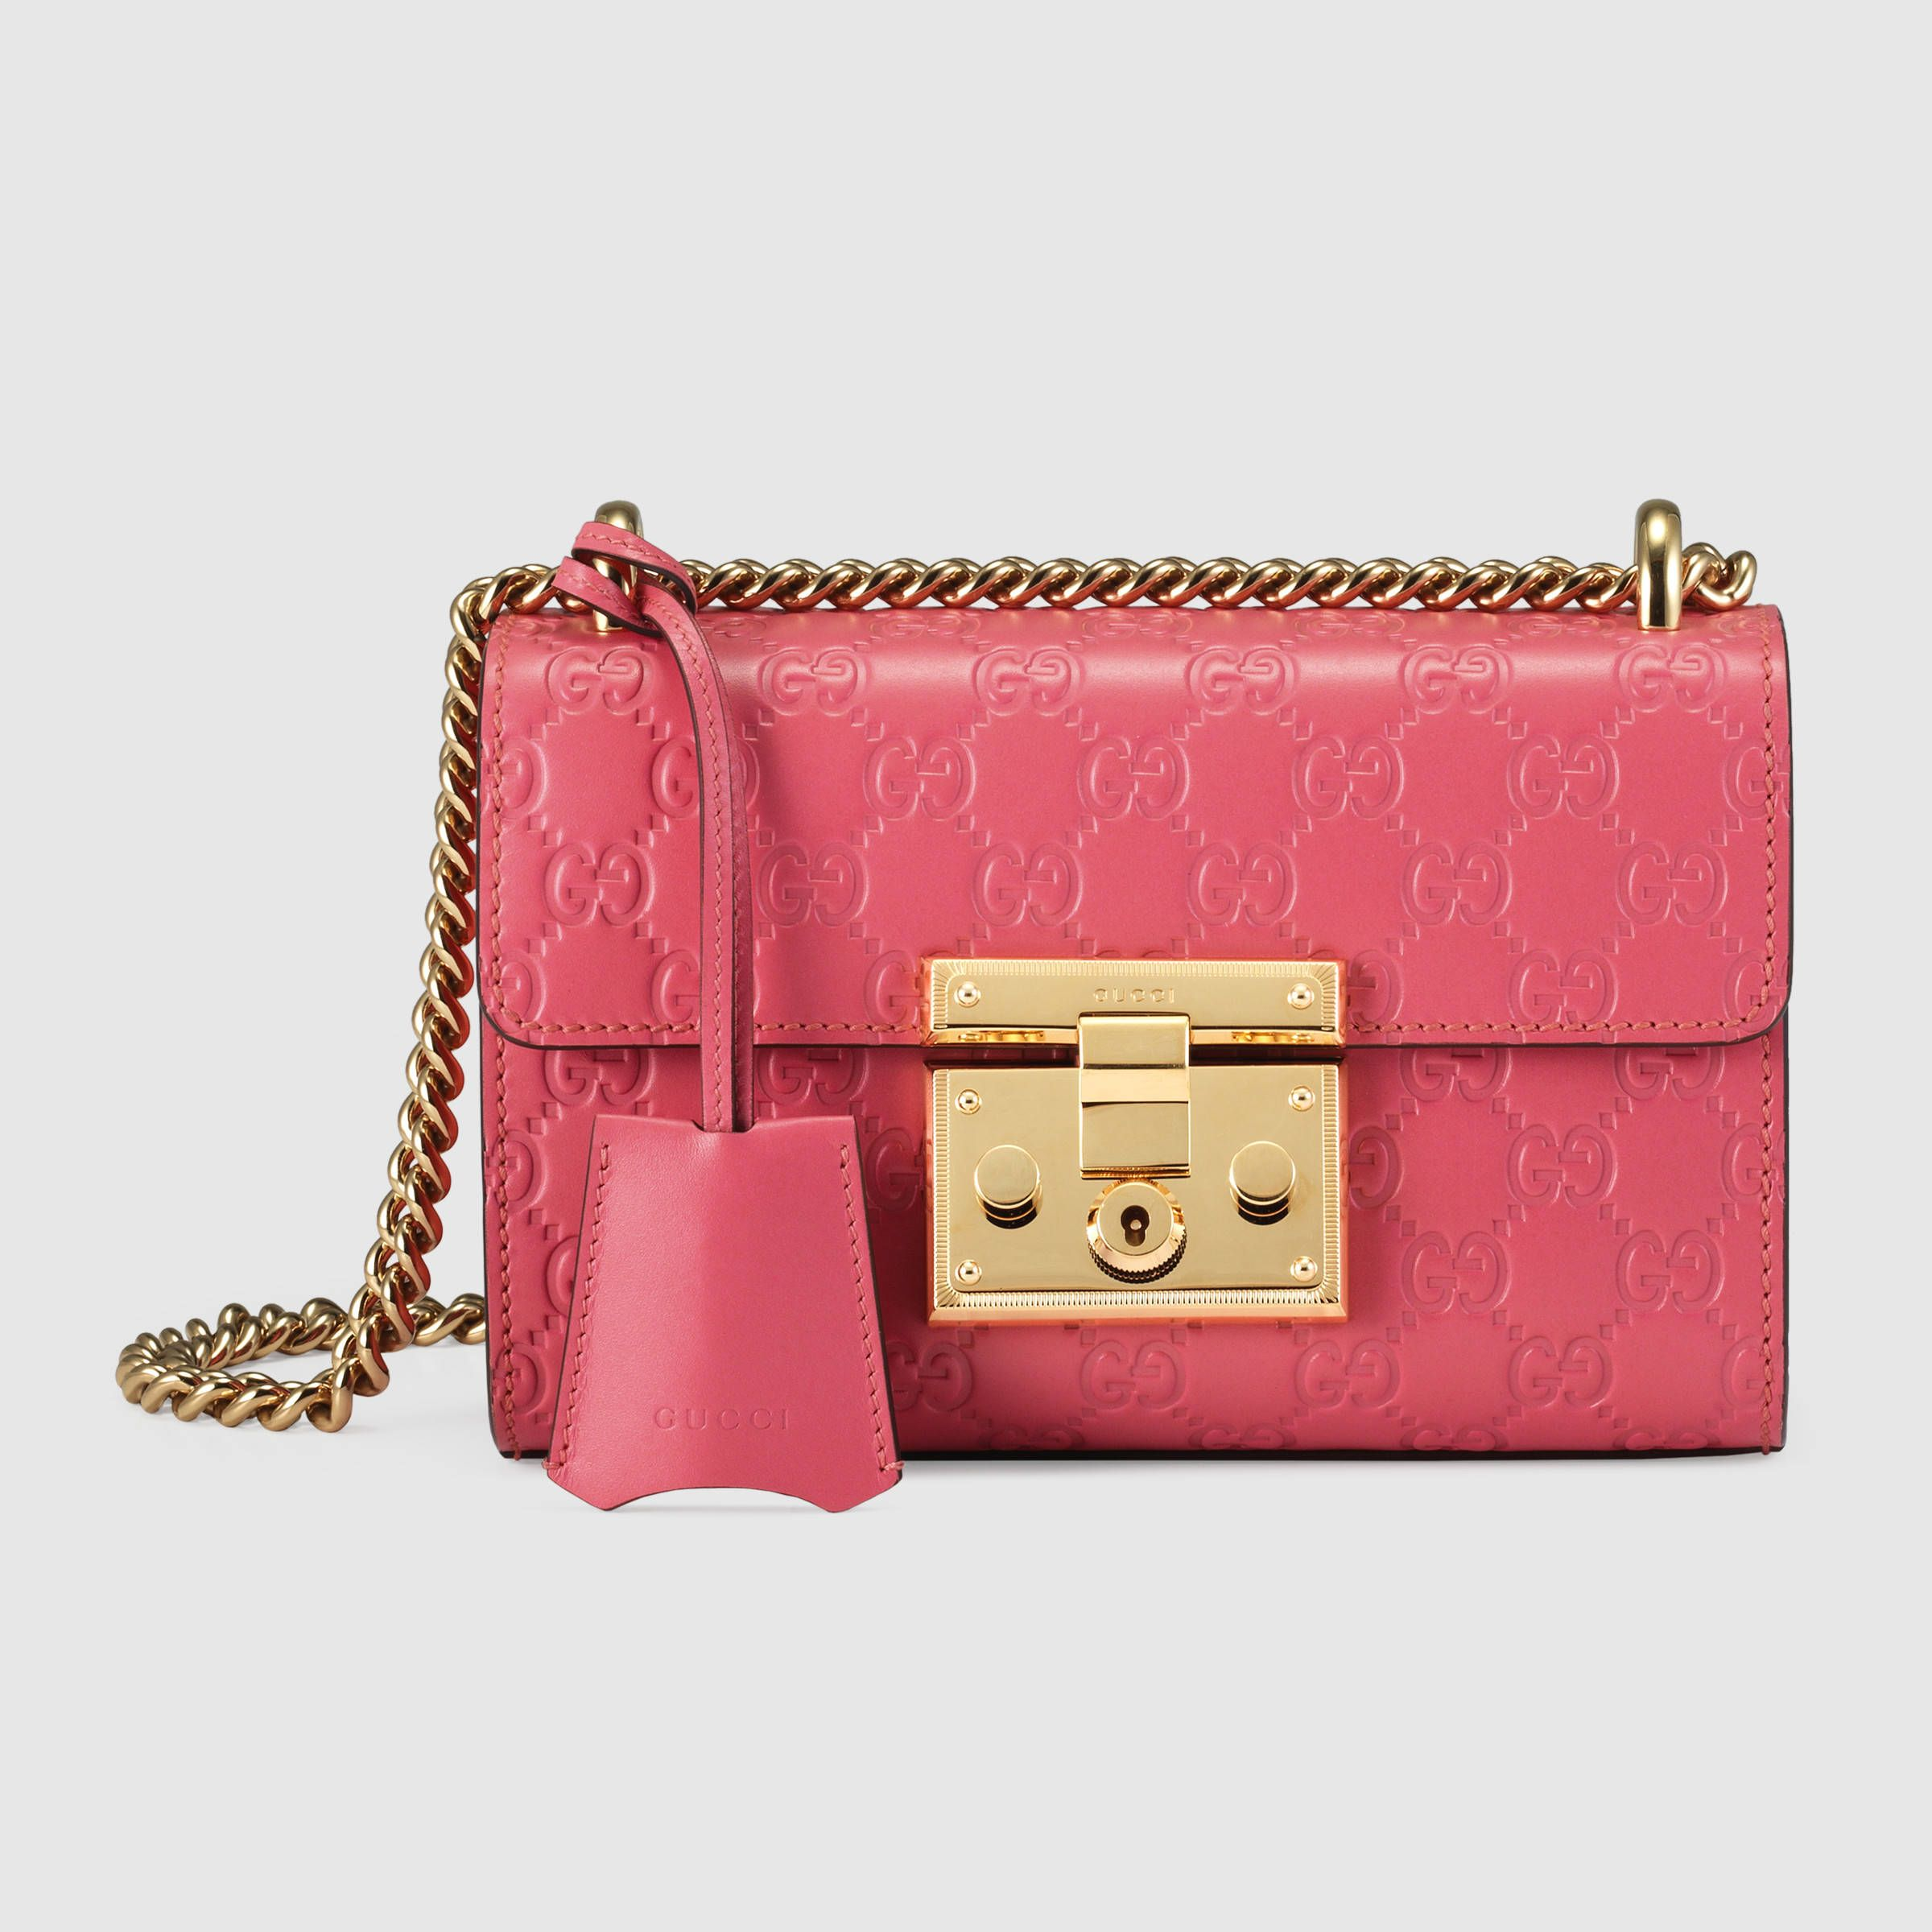 553762c8c18 Padlock Gucci Signature shoulder bag